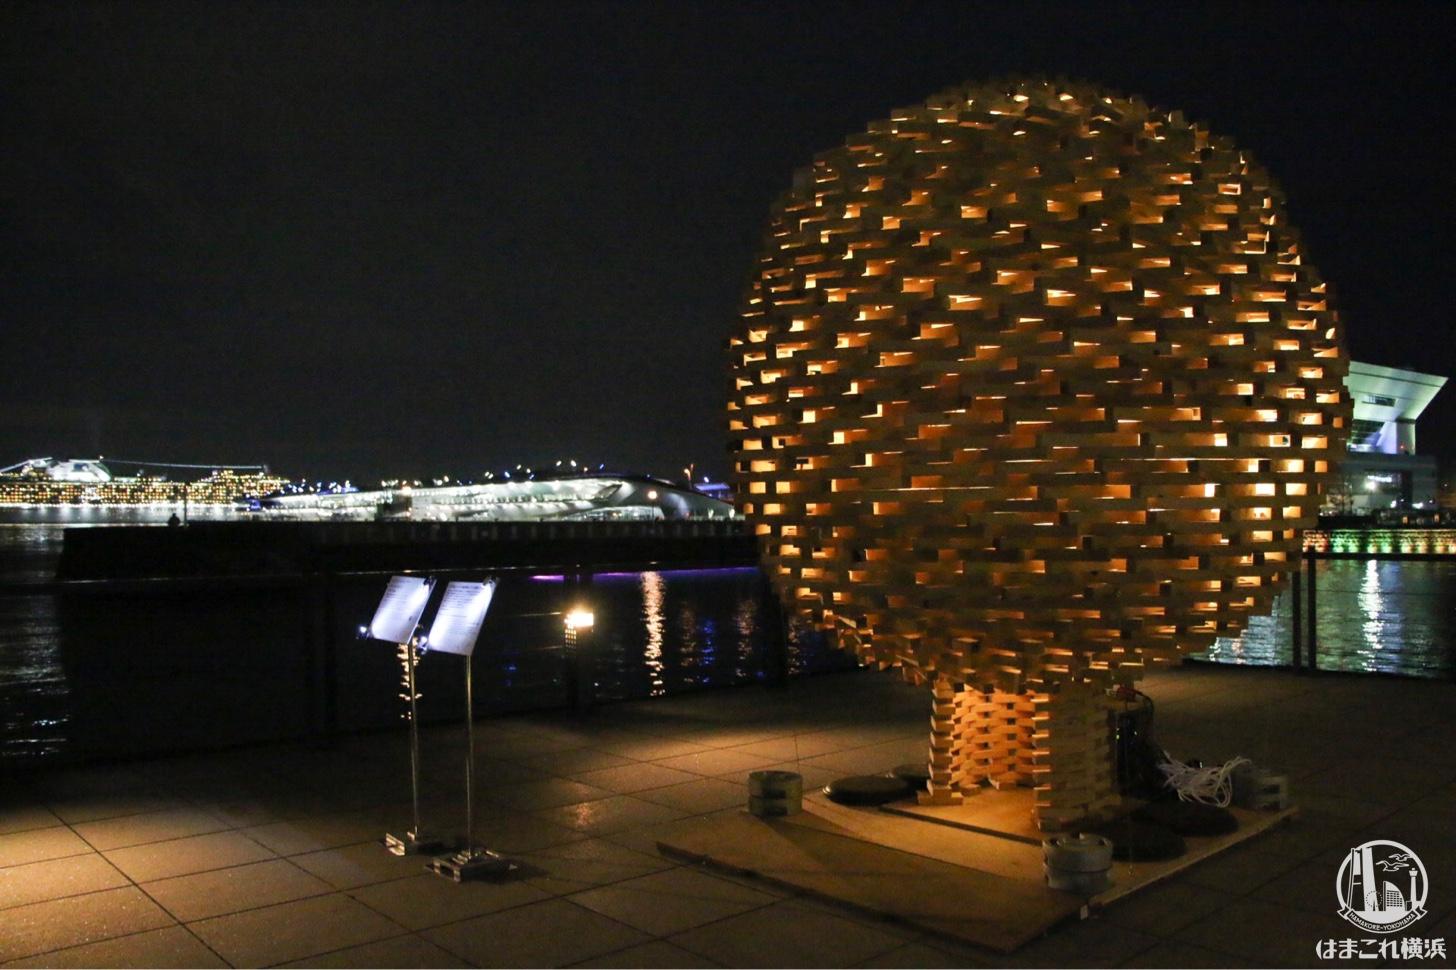 光球(関東学院大学建築・環境学部 ビルディング・ワークショップ2018+)